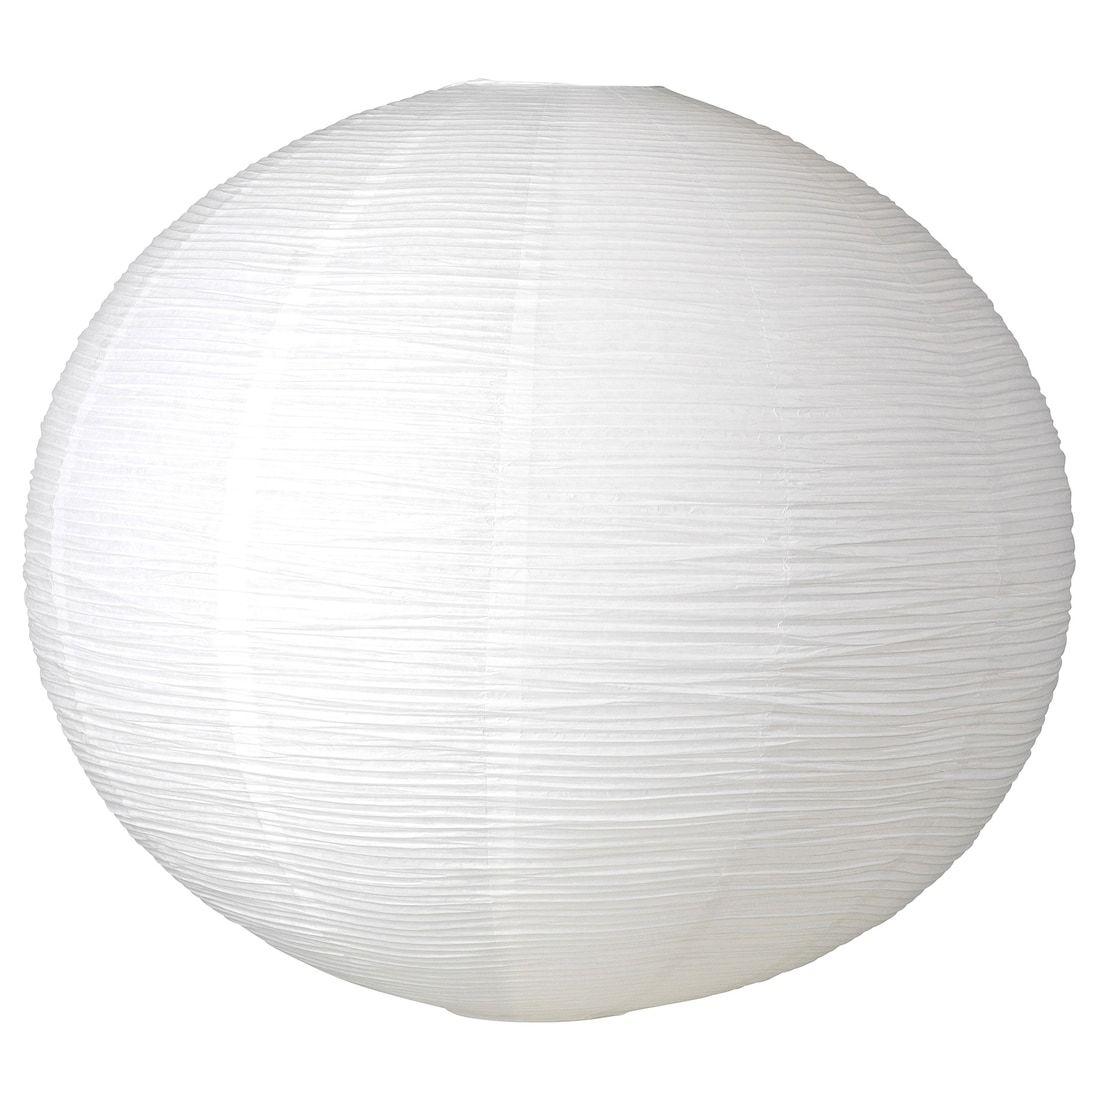 SJUTTIOFEM Pendant lamp shade white, round 28